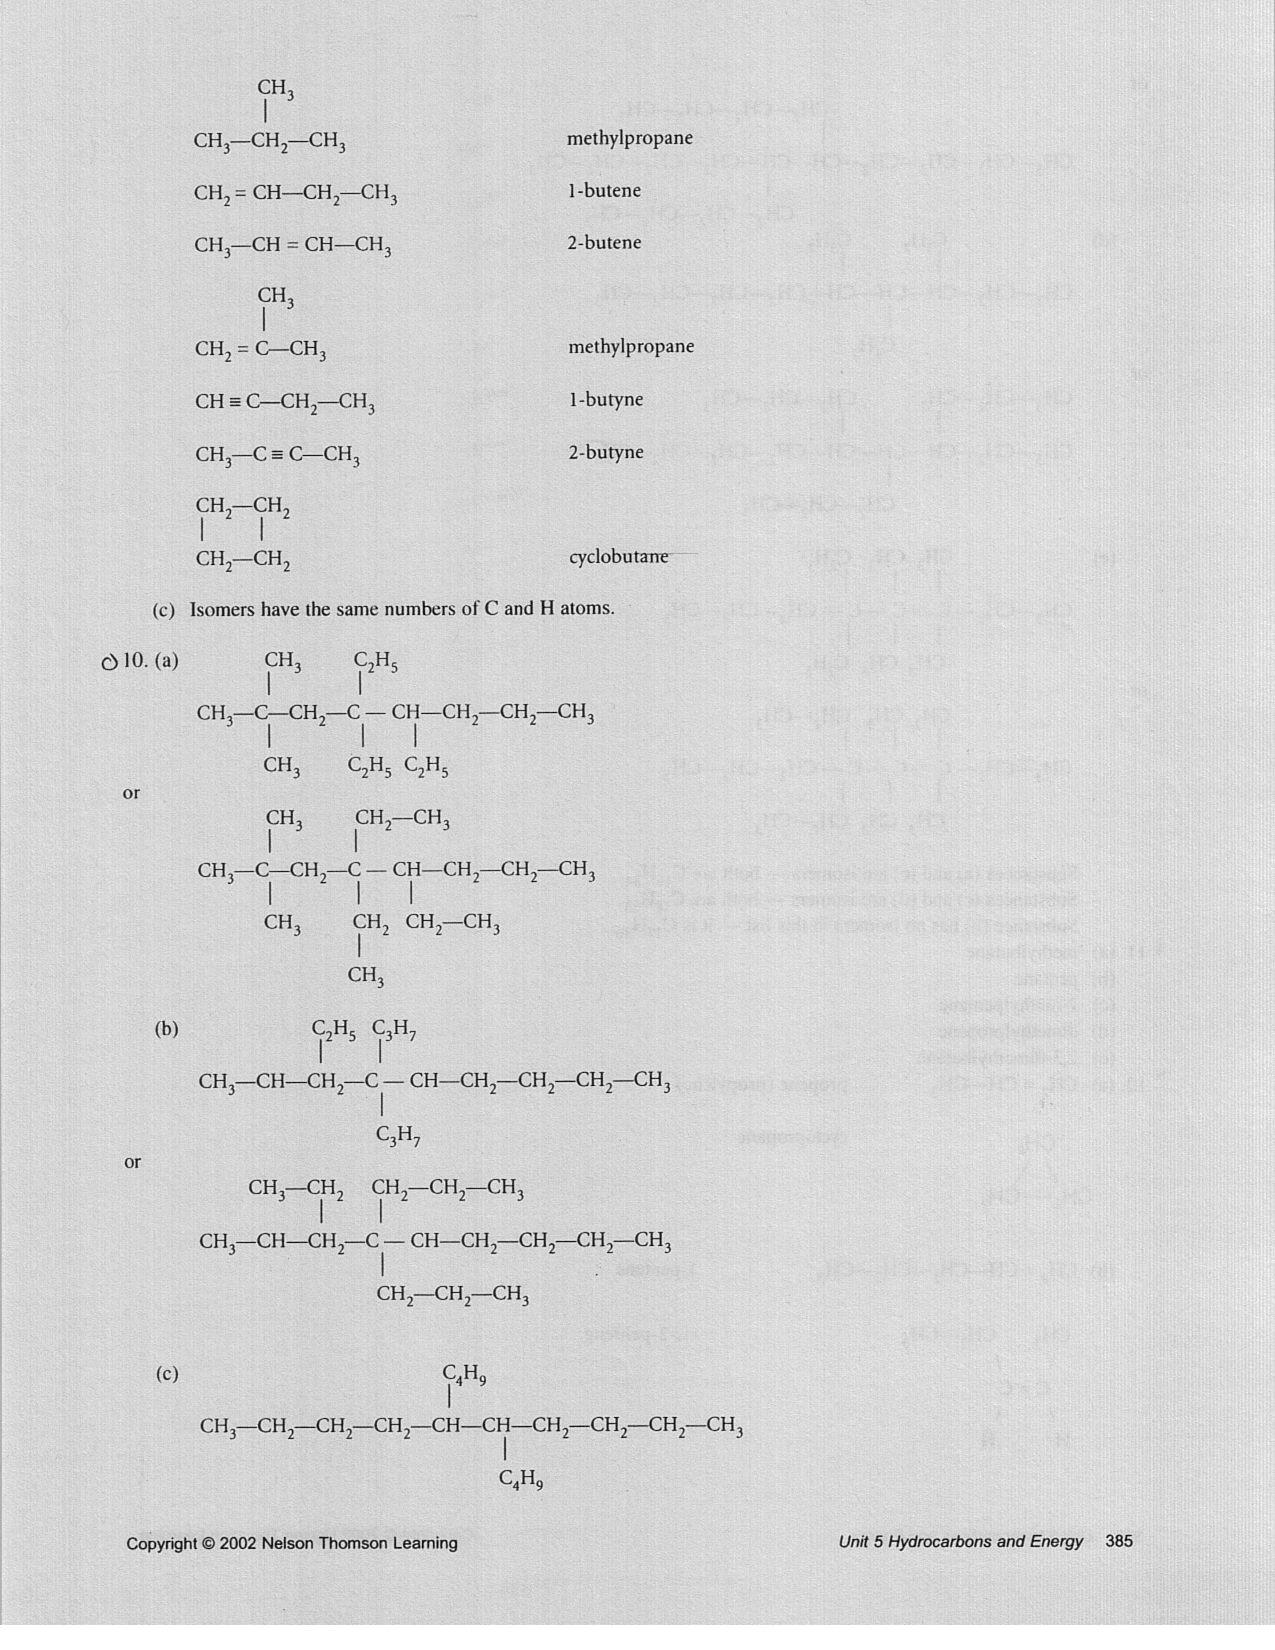 hight resolution of mathball / Grade 11 Chemistry sem 1 09-10